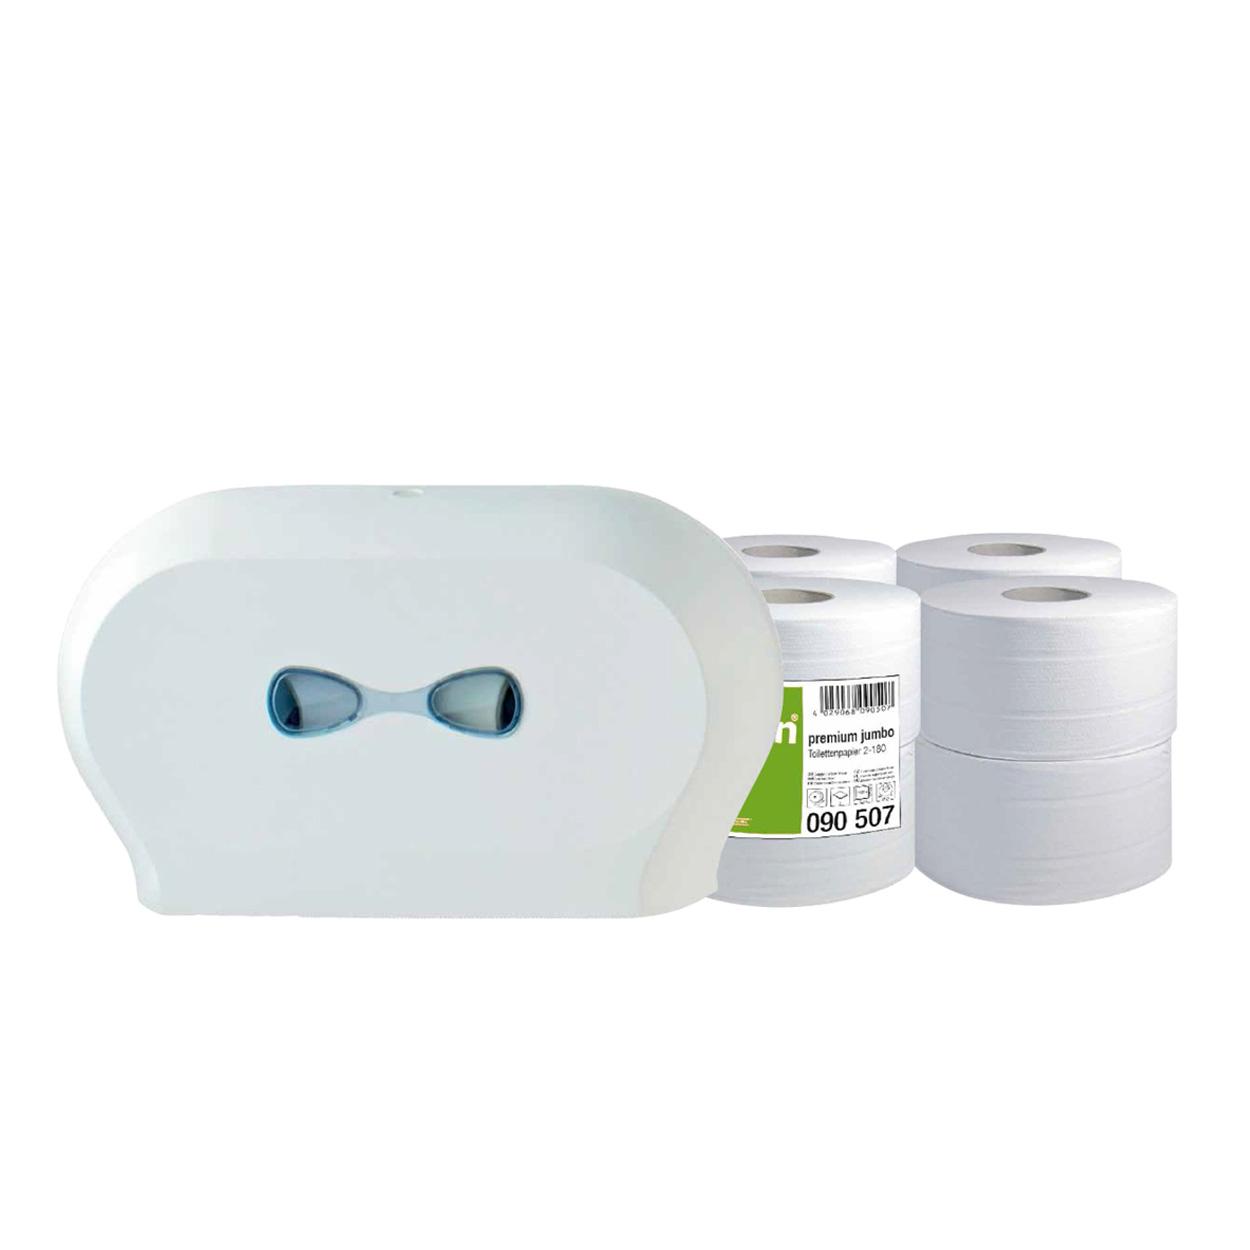 Set toaletních papírů Jumbo mini a zásobníku